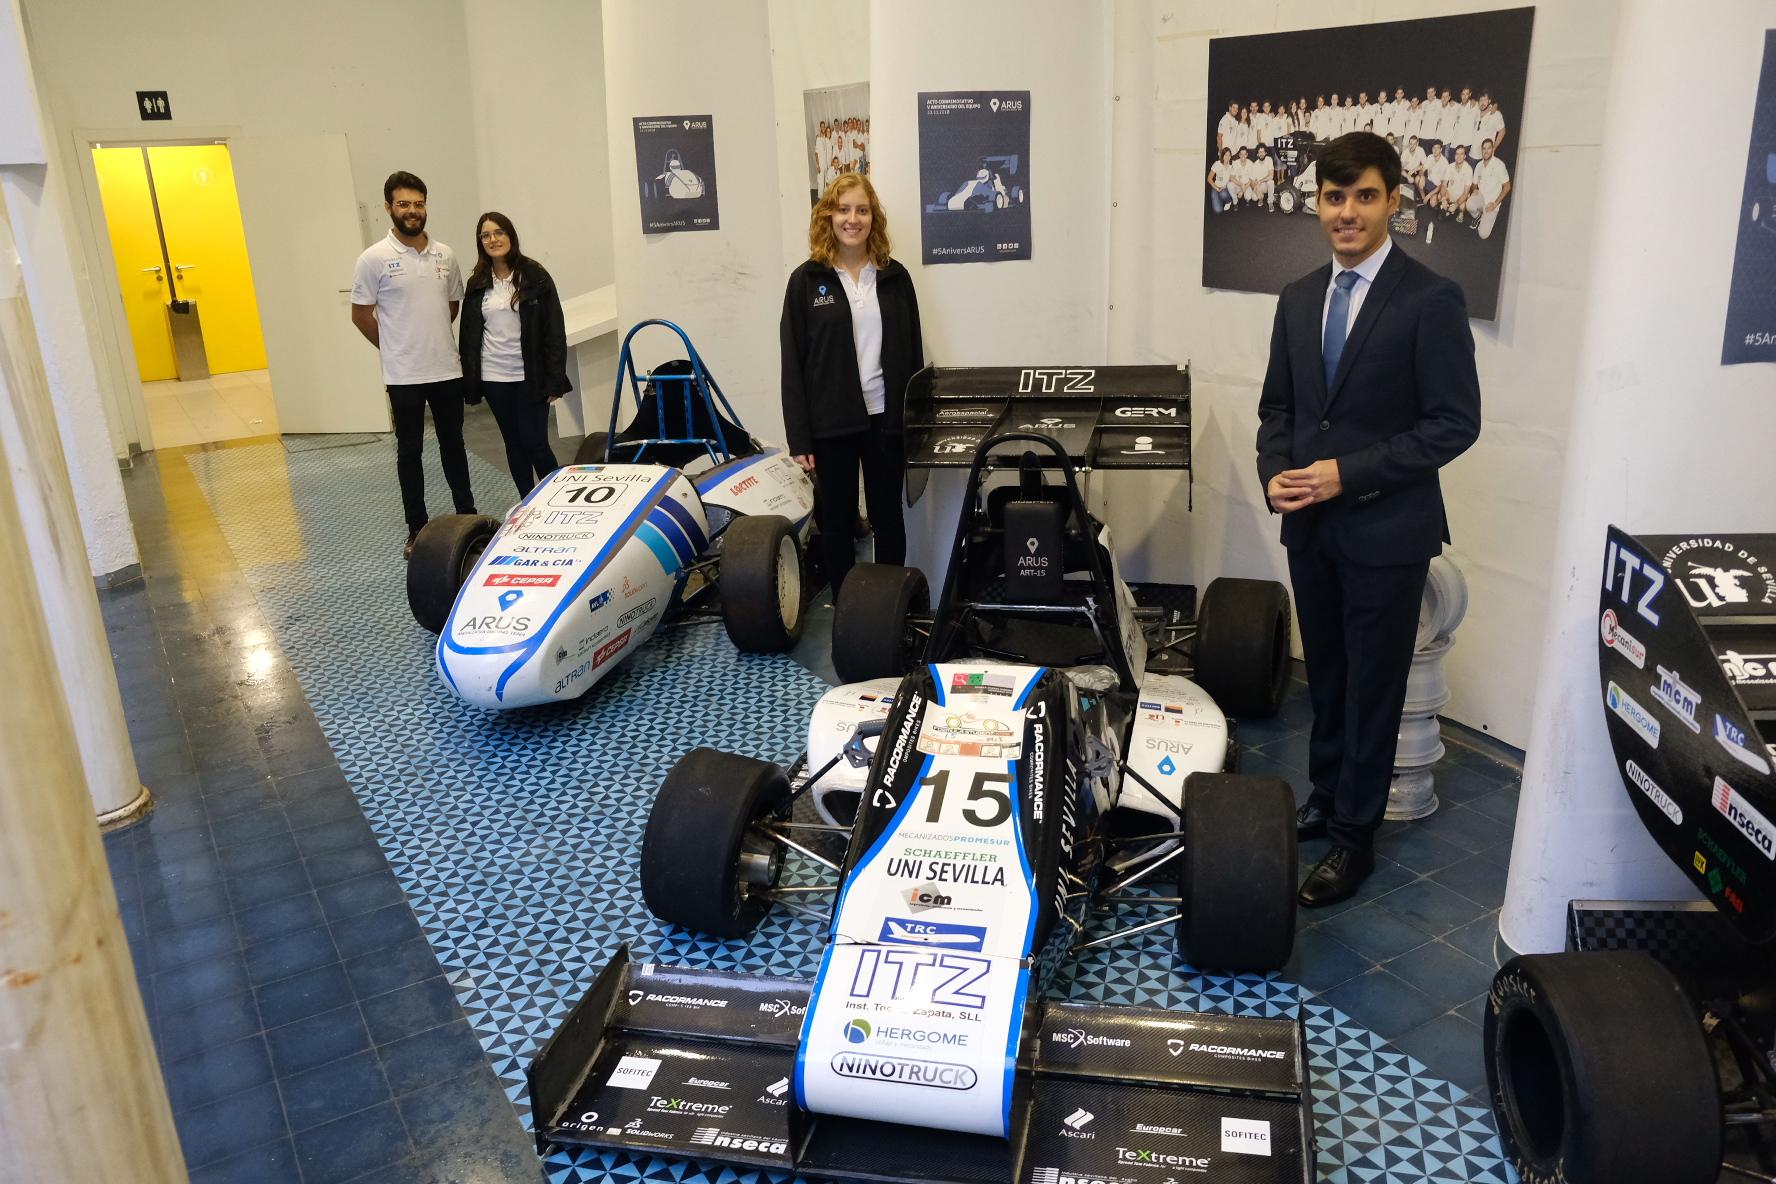 El grupo de estudiantes dedicados al motor en Andalucía Racing Team celebra su quinto aniversario